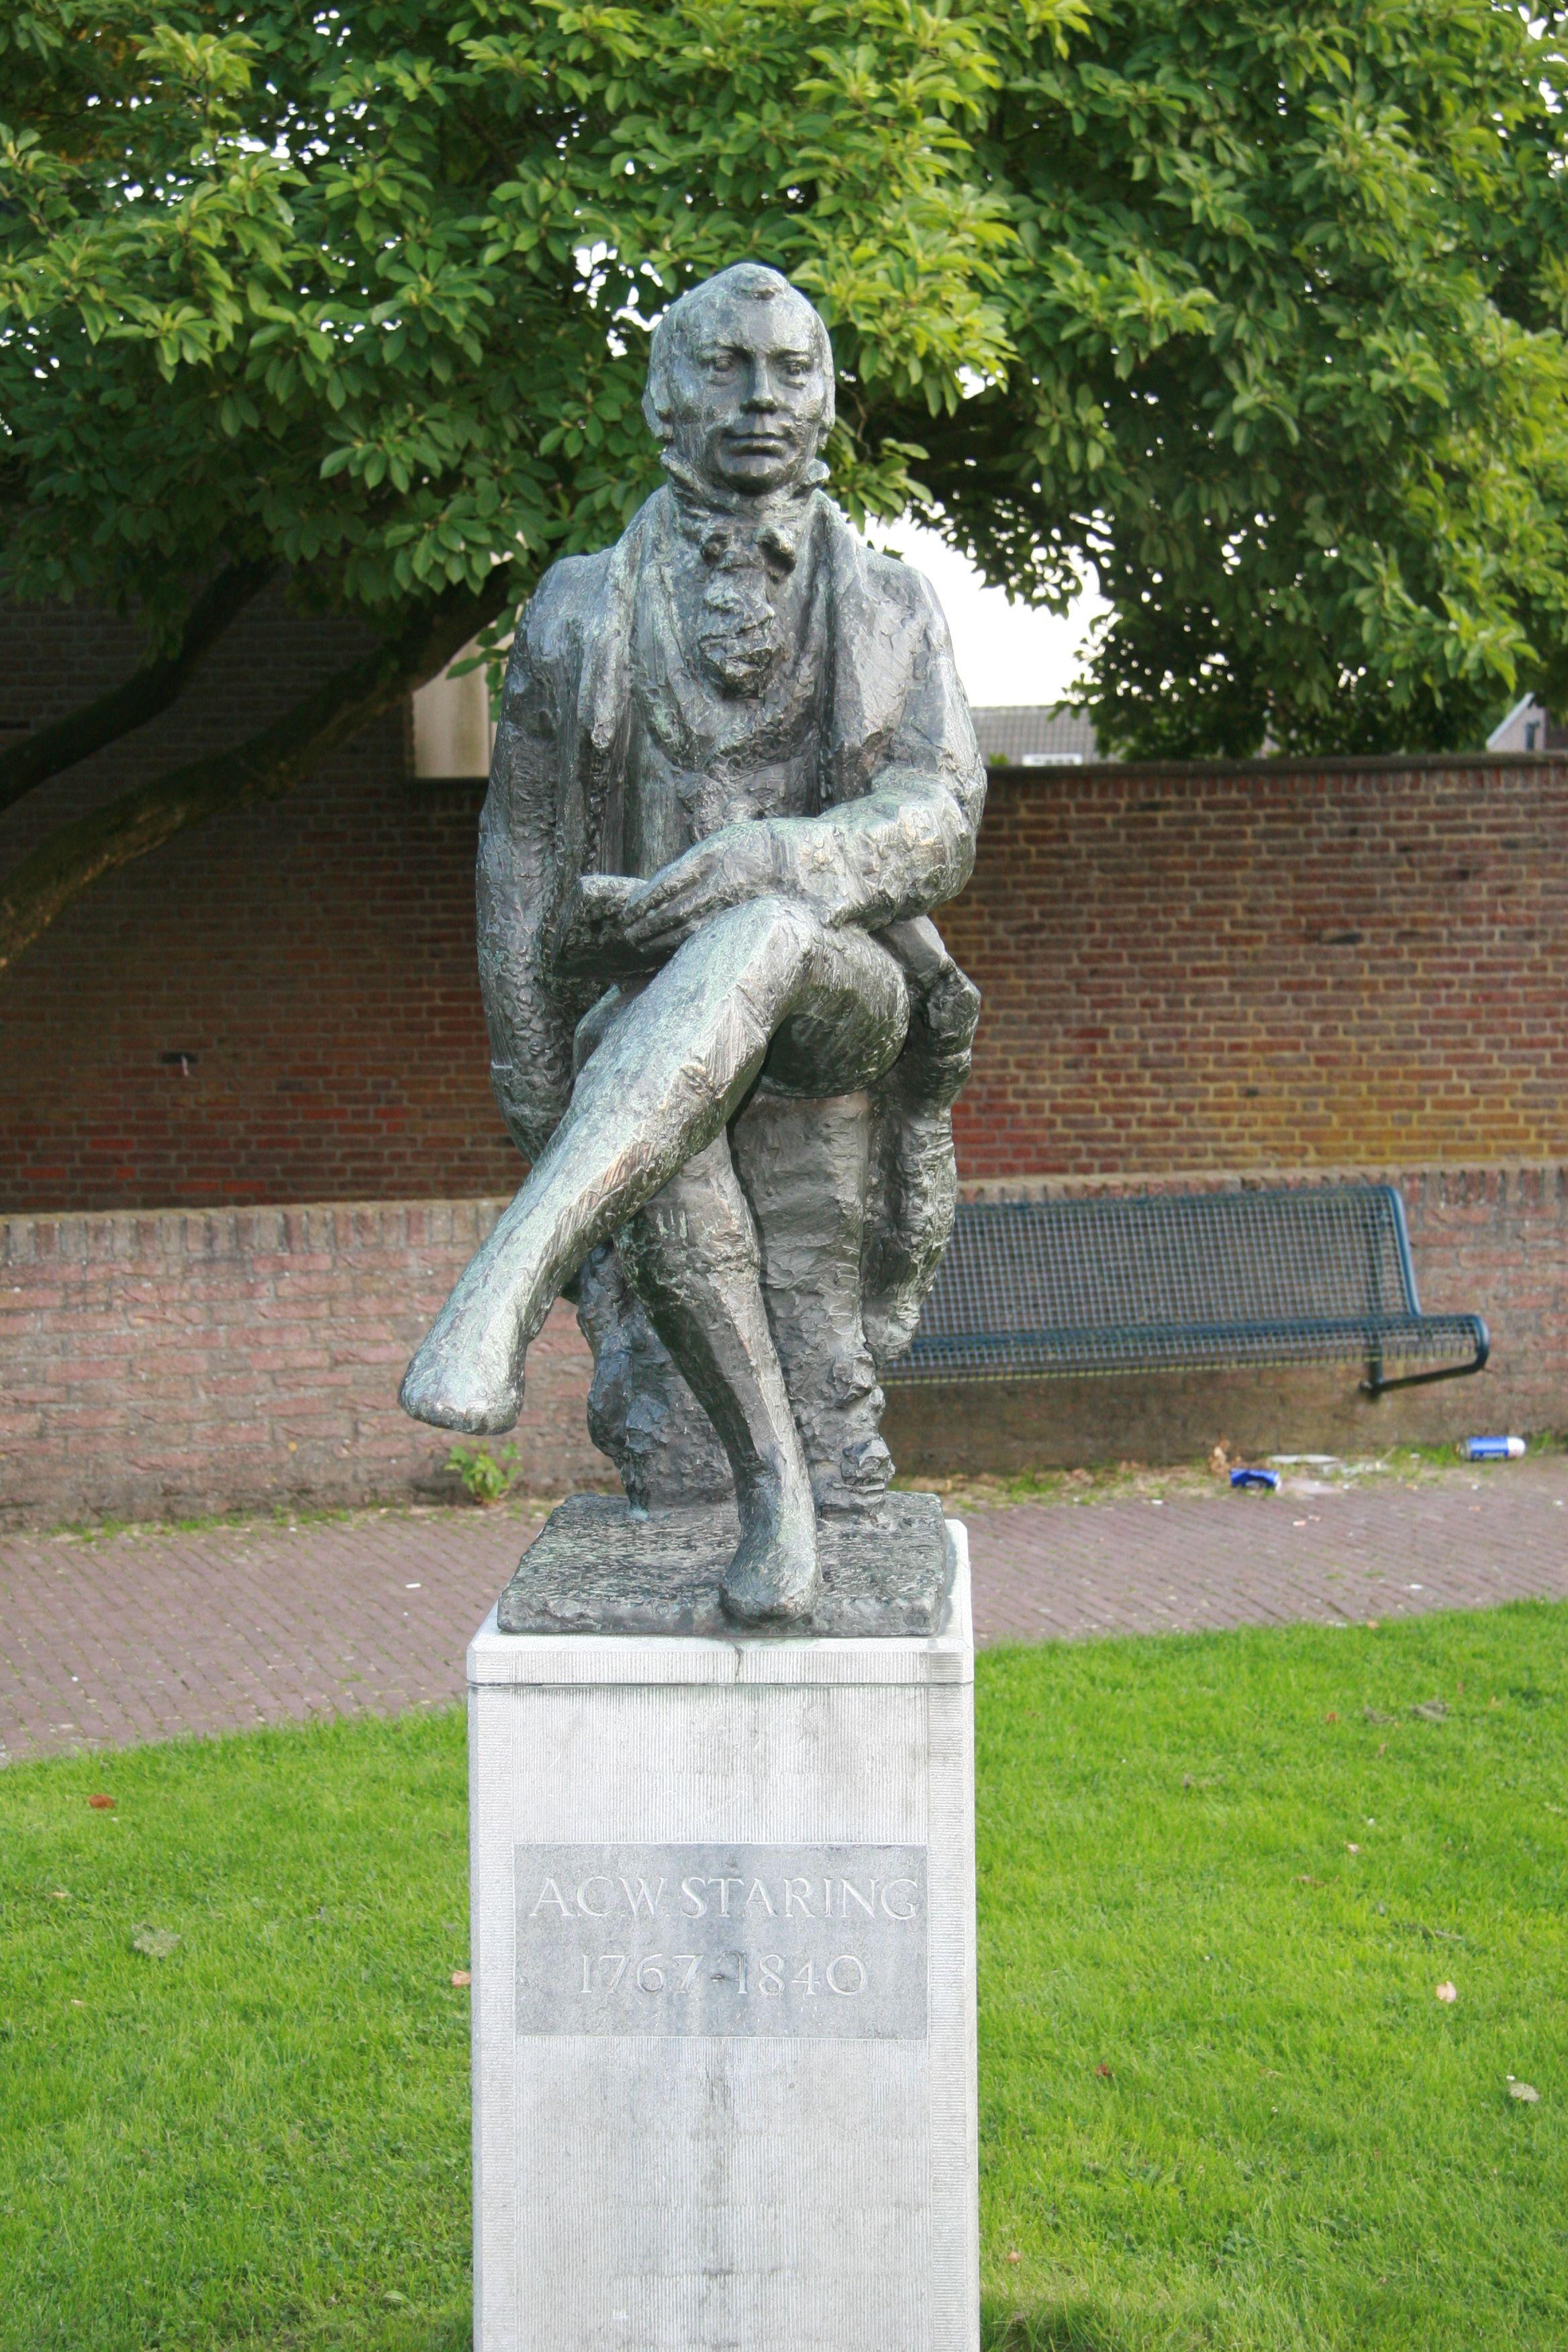 De dichter Staring woonde op het kasteel de Wildenborch bij Vorden. Zijn beeld staat in Vorden